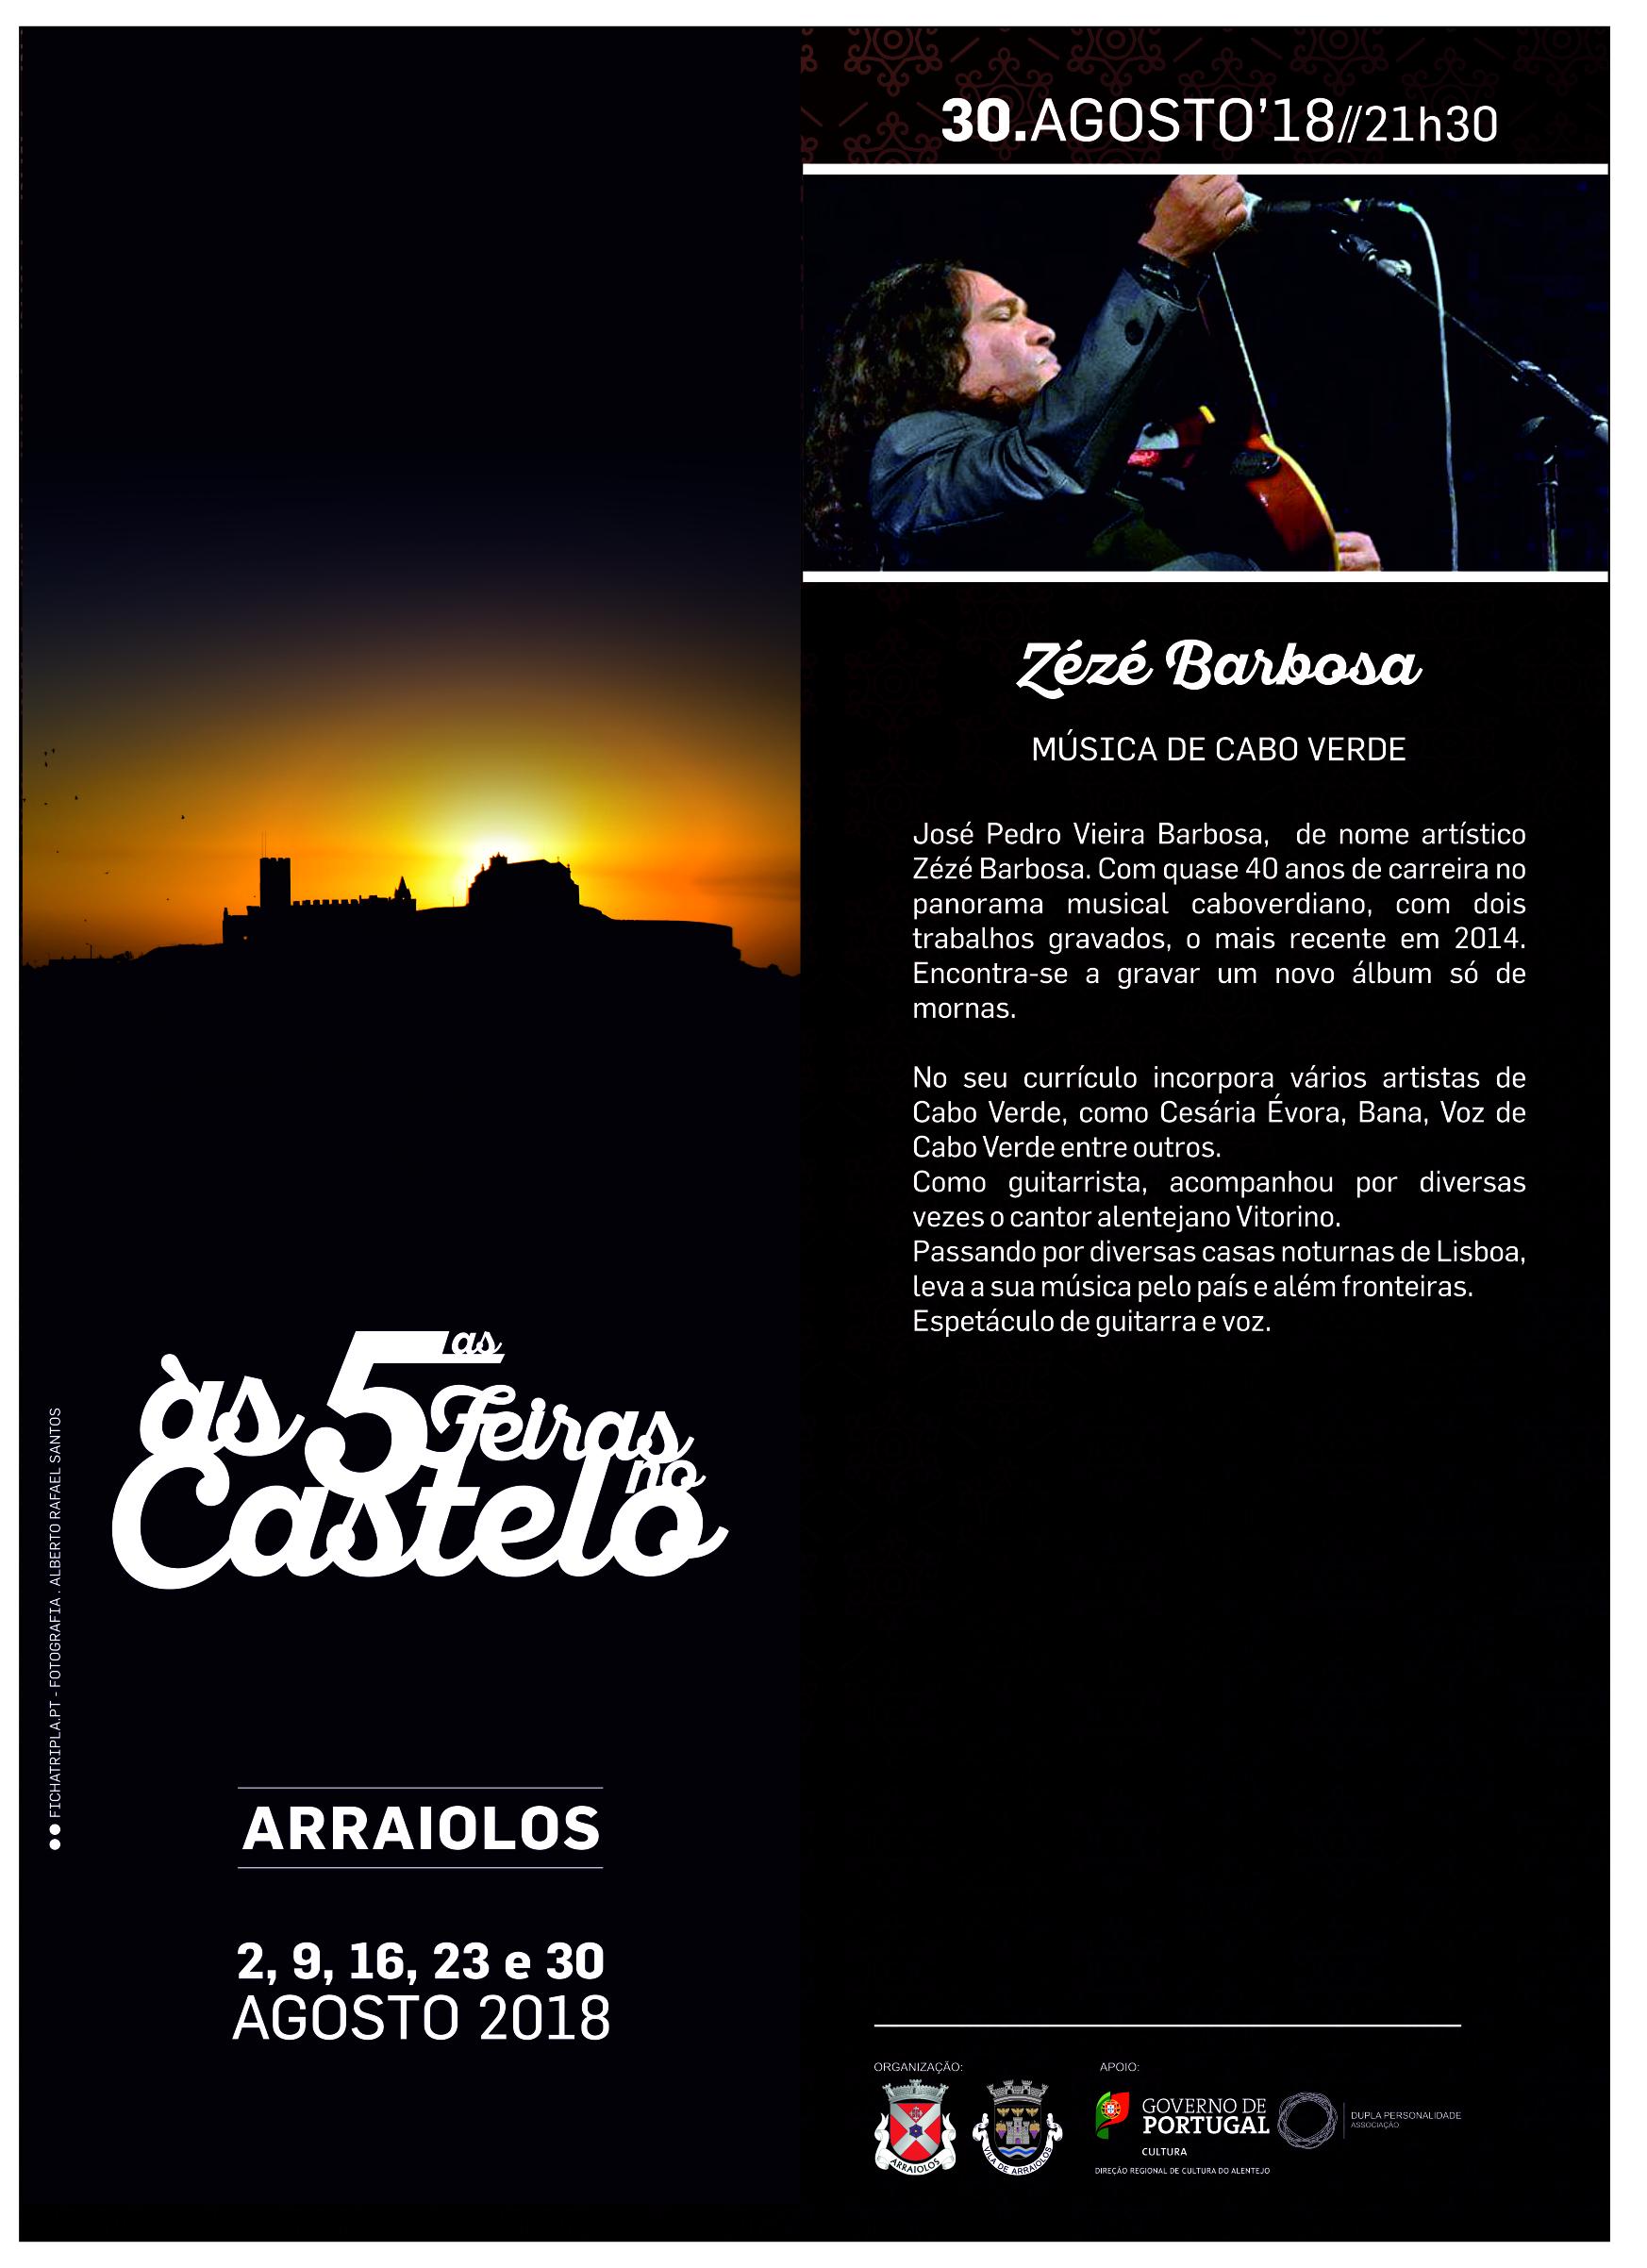 quintas castelo 2018 zeze_barbosa.jpg